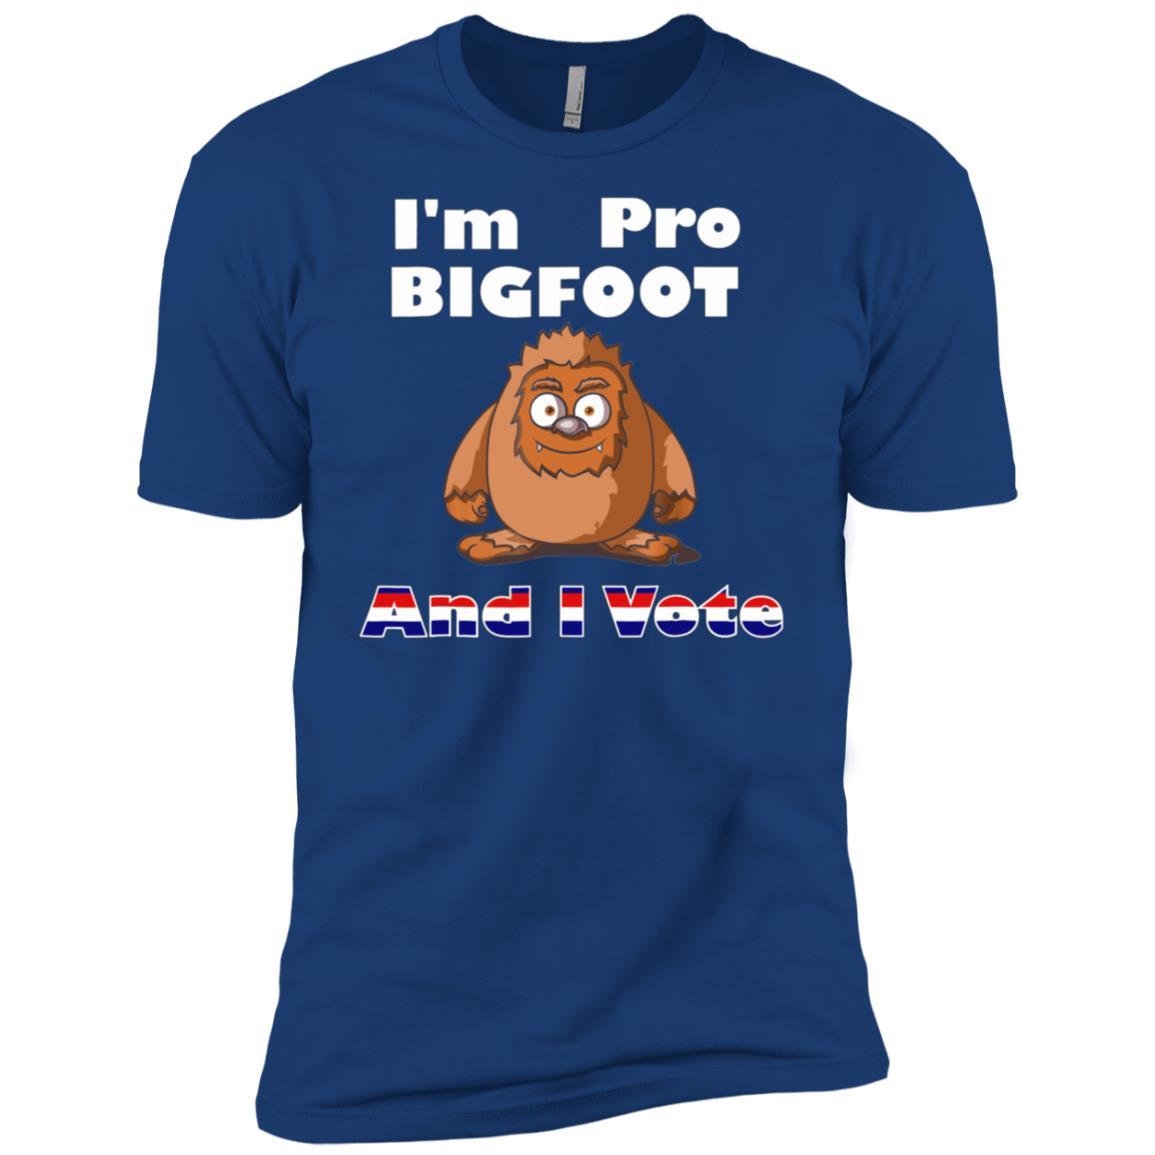 I'm Pro Bigfoot And I Vote Short Sleeve Men Short Sleeve T-Shirt